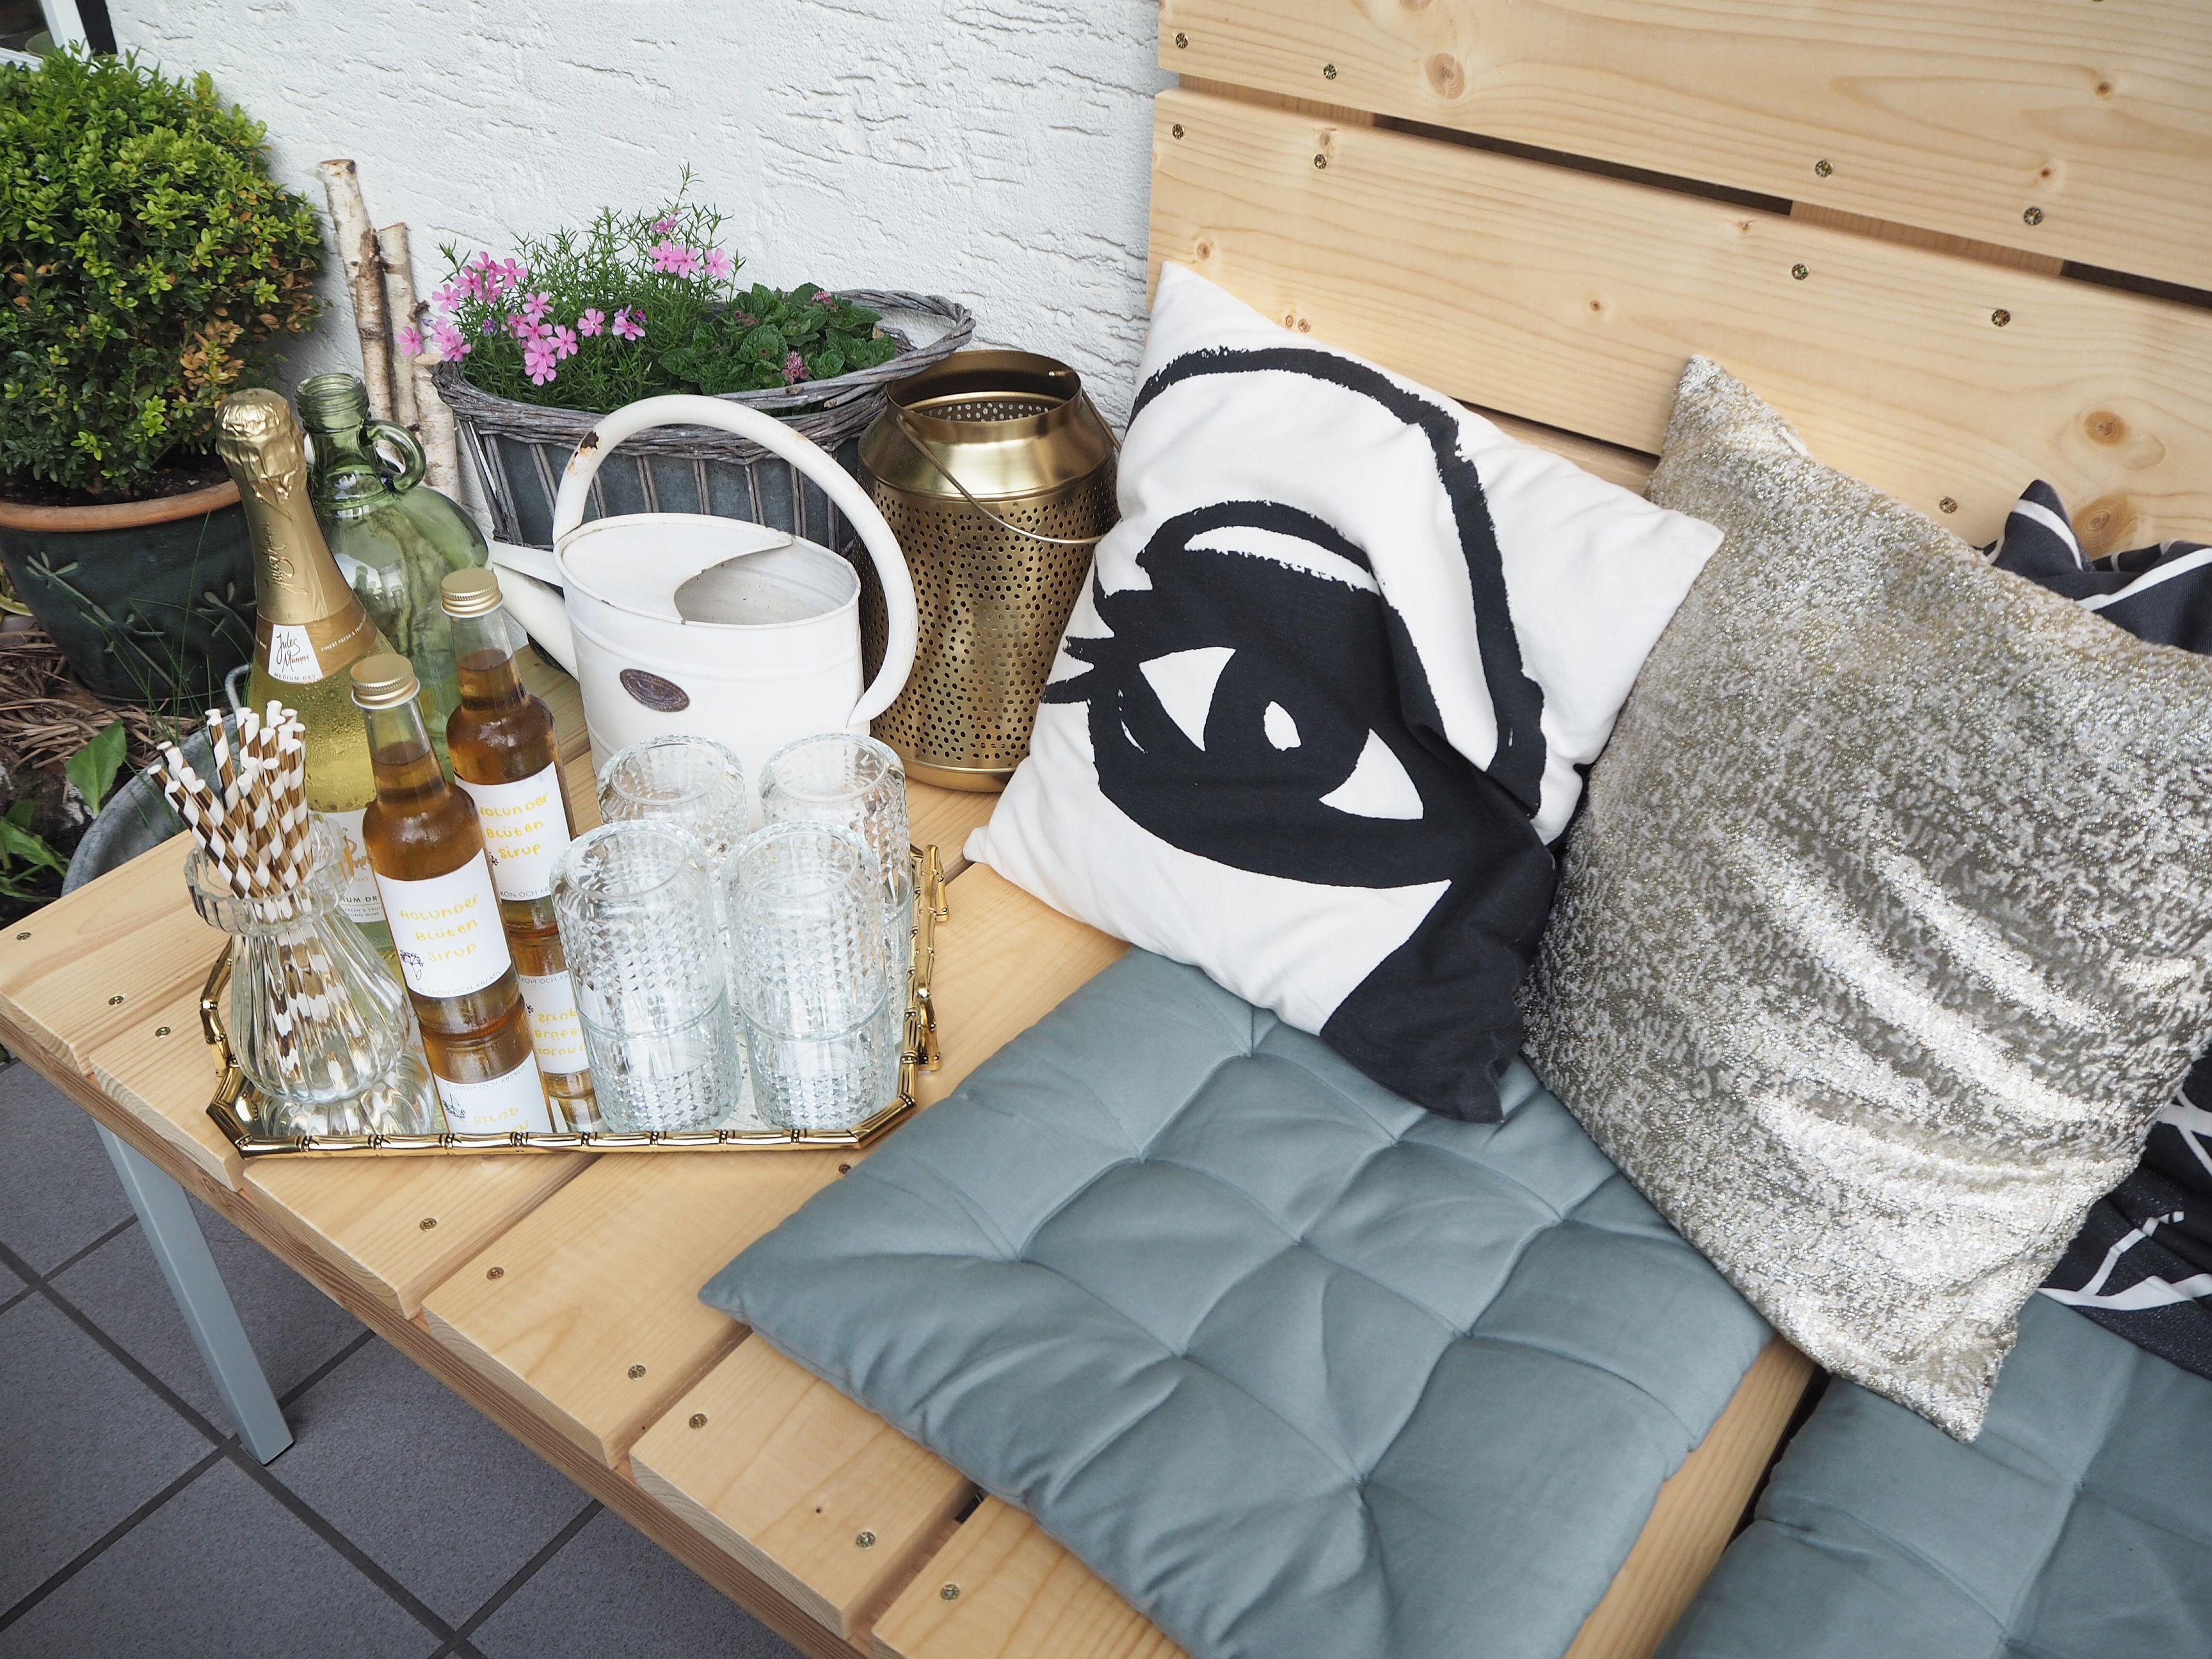 2018-06-skoen-och-kreativ-midsommar-die-getraenke-bar-limo-sekt (12)